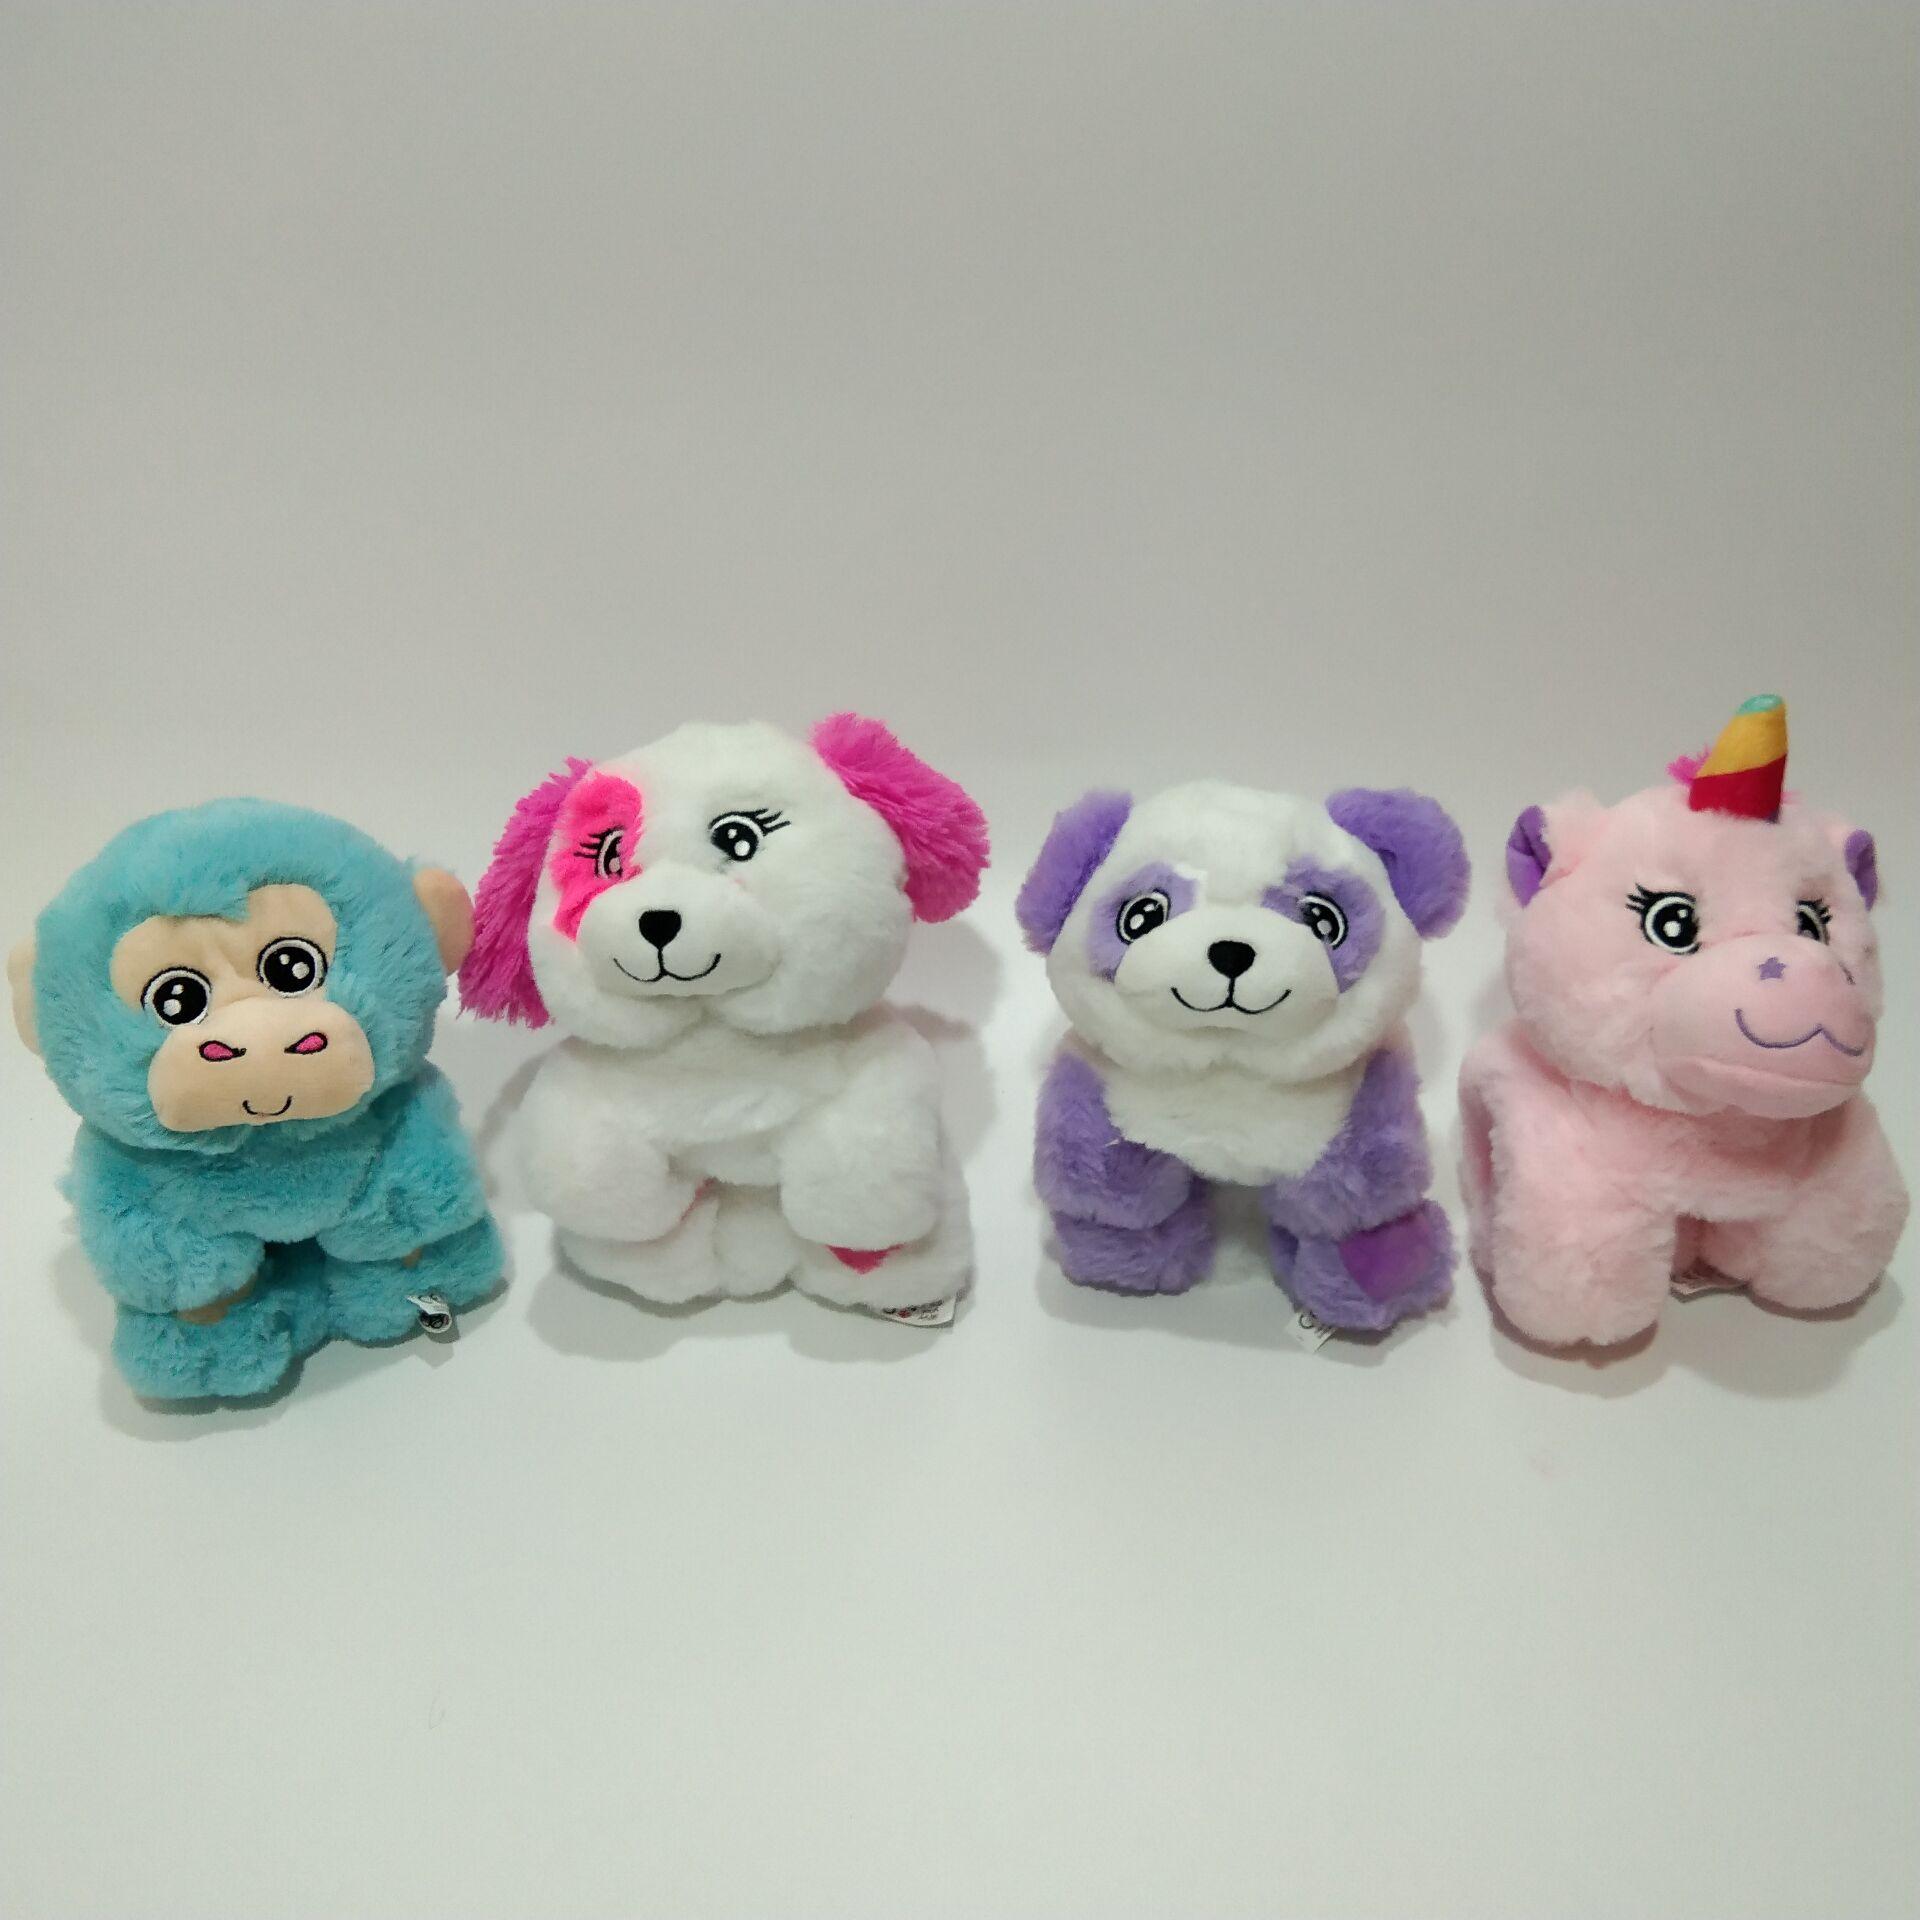 Stuffed Animals wristband